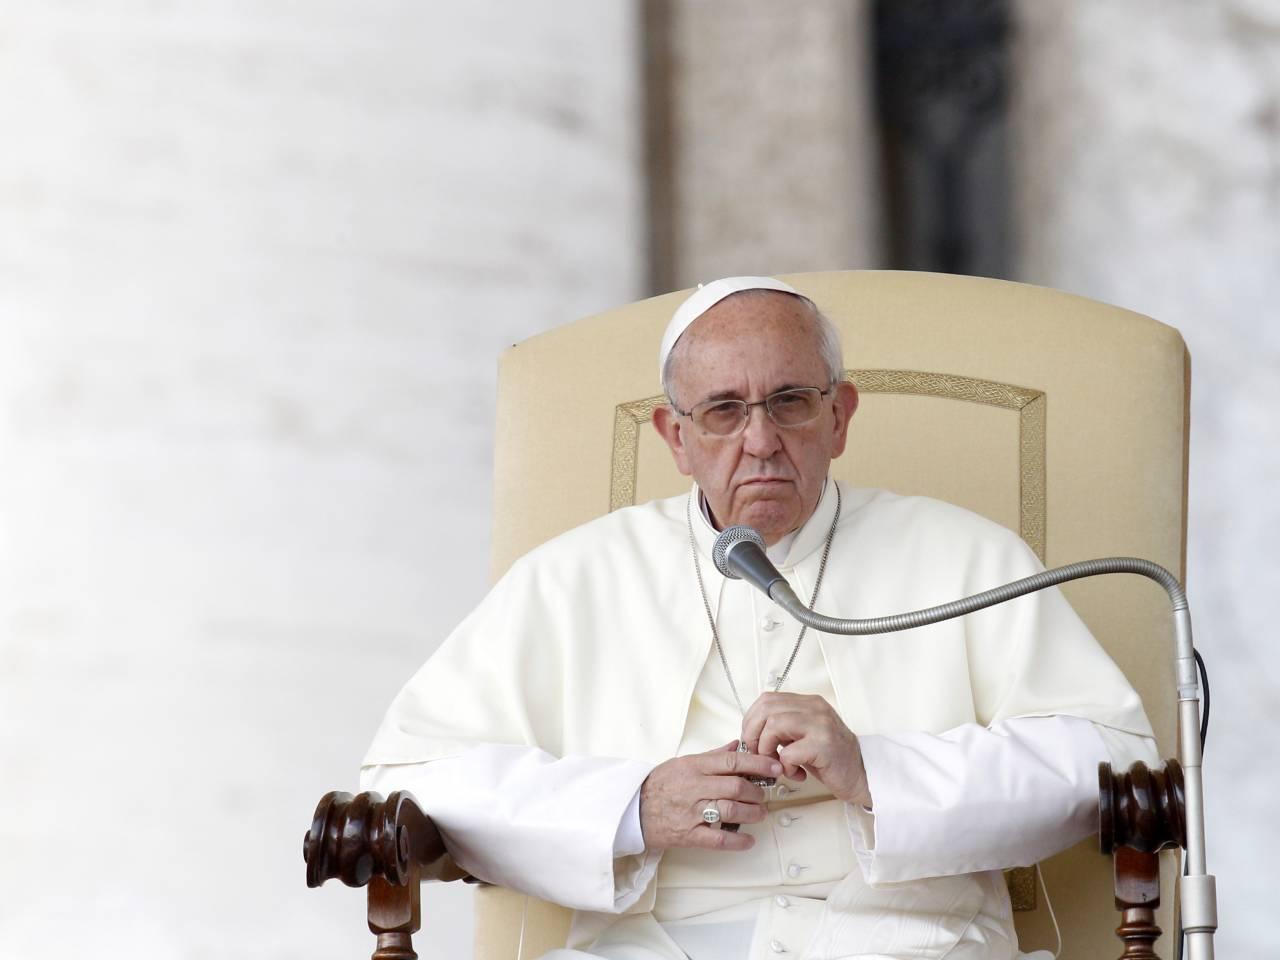 Heswitang Papa Francis, ang huling papa (antikristo)